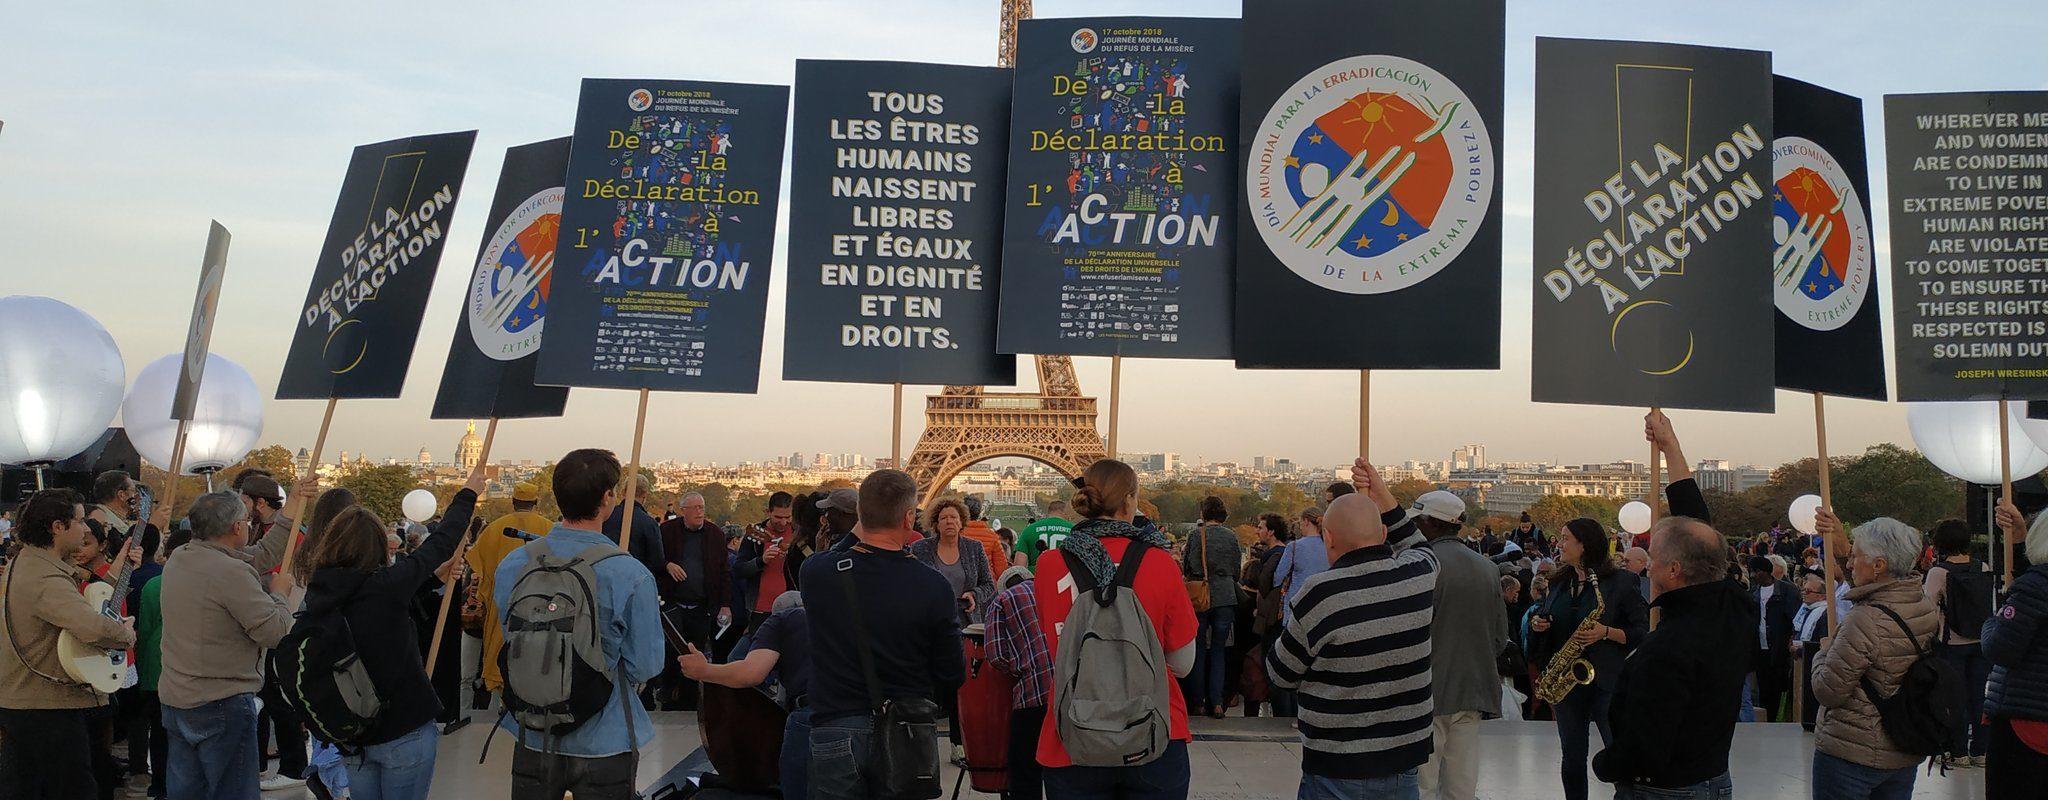 Tous Dignité La Quart Atd Pour Monde agir Pxqg5g